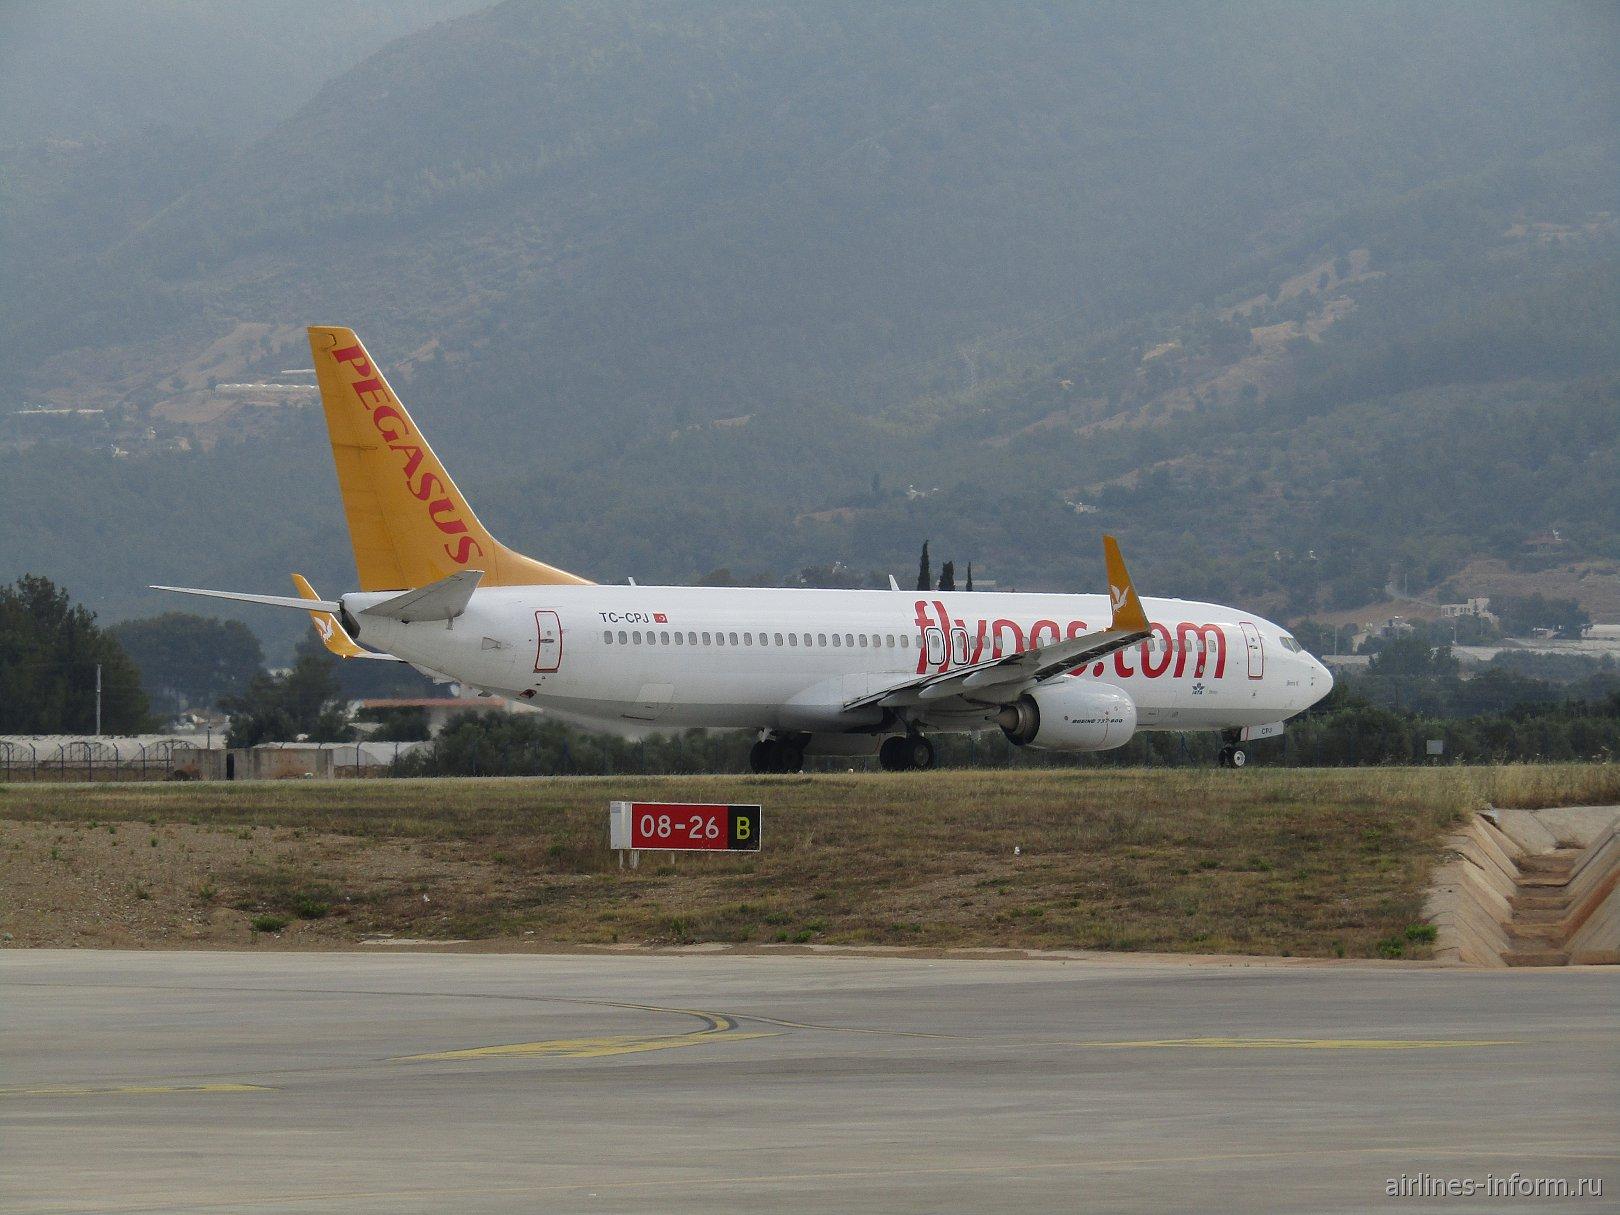 Боинг-737-800 авиакомпании Pegasus в аэропорту Алания Газипаша